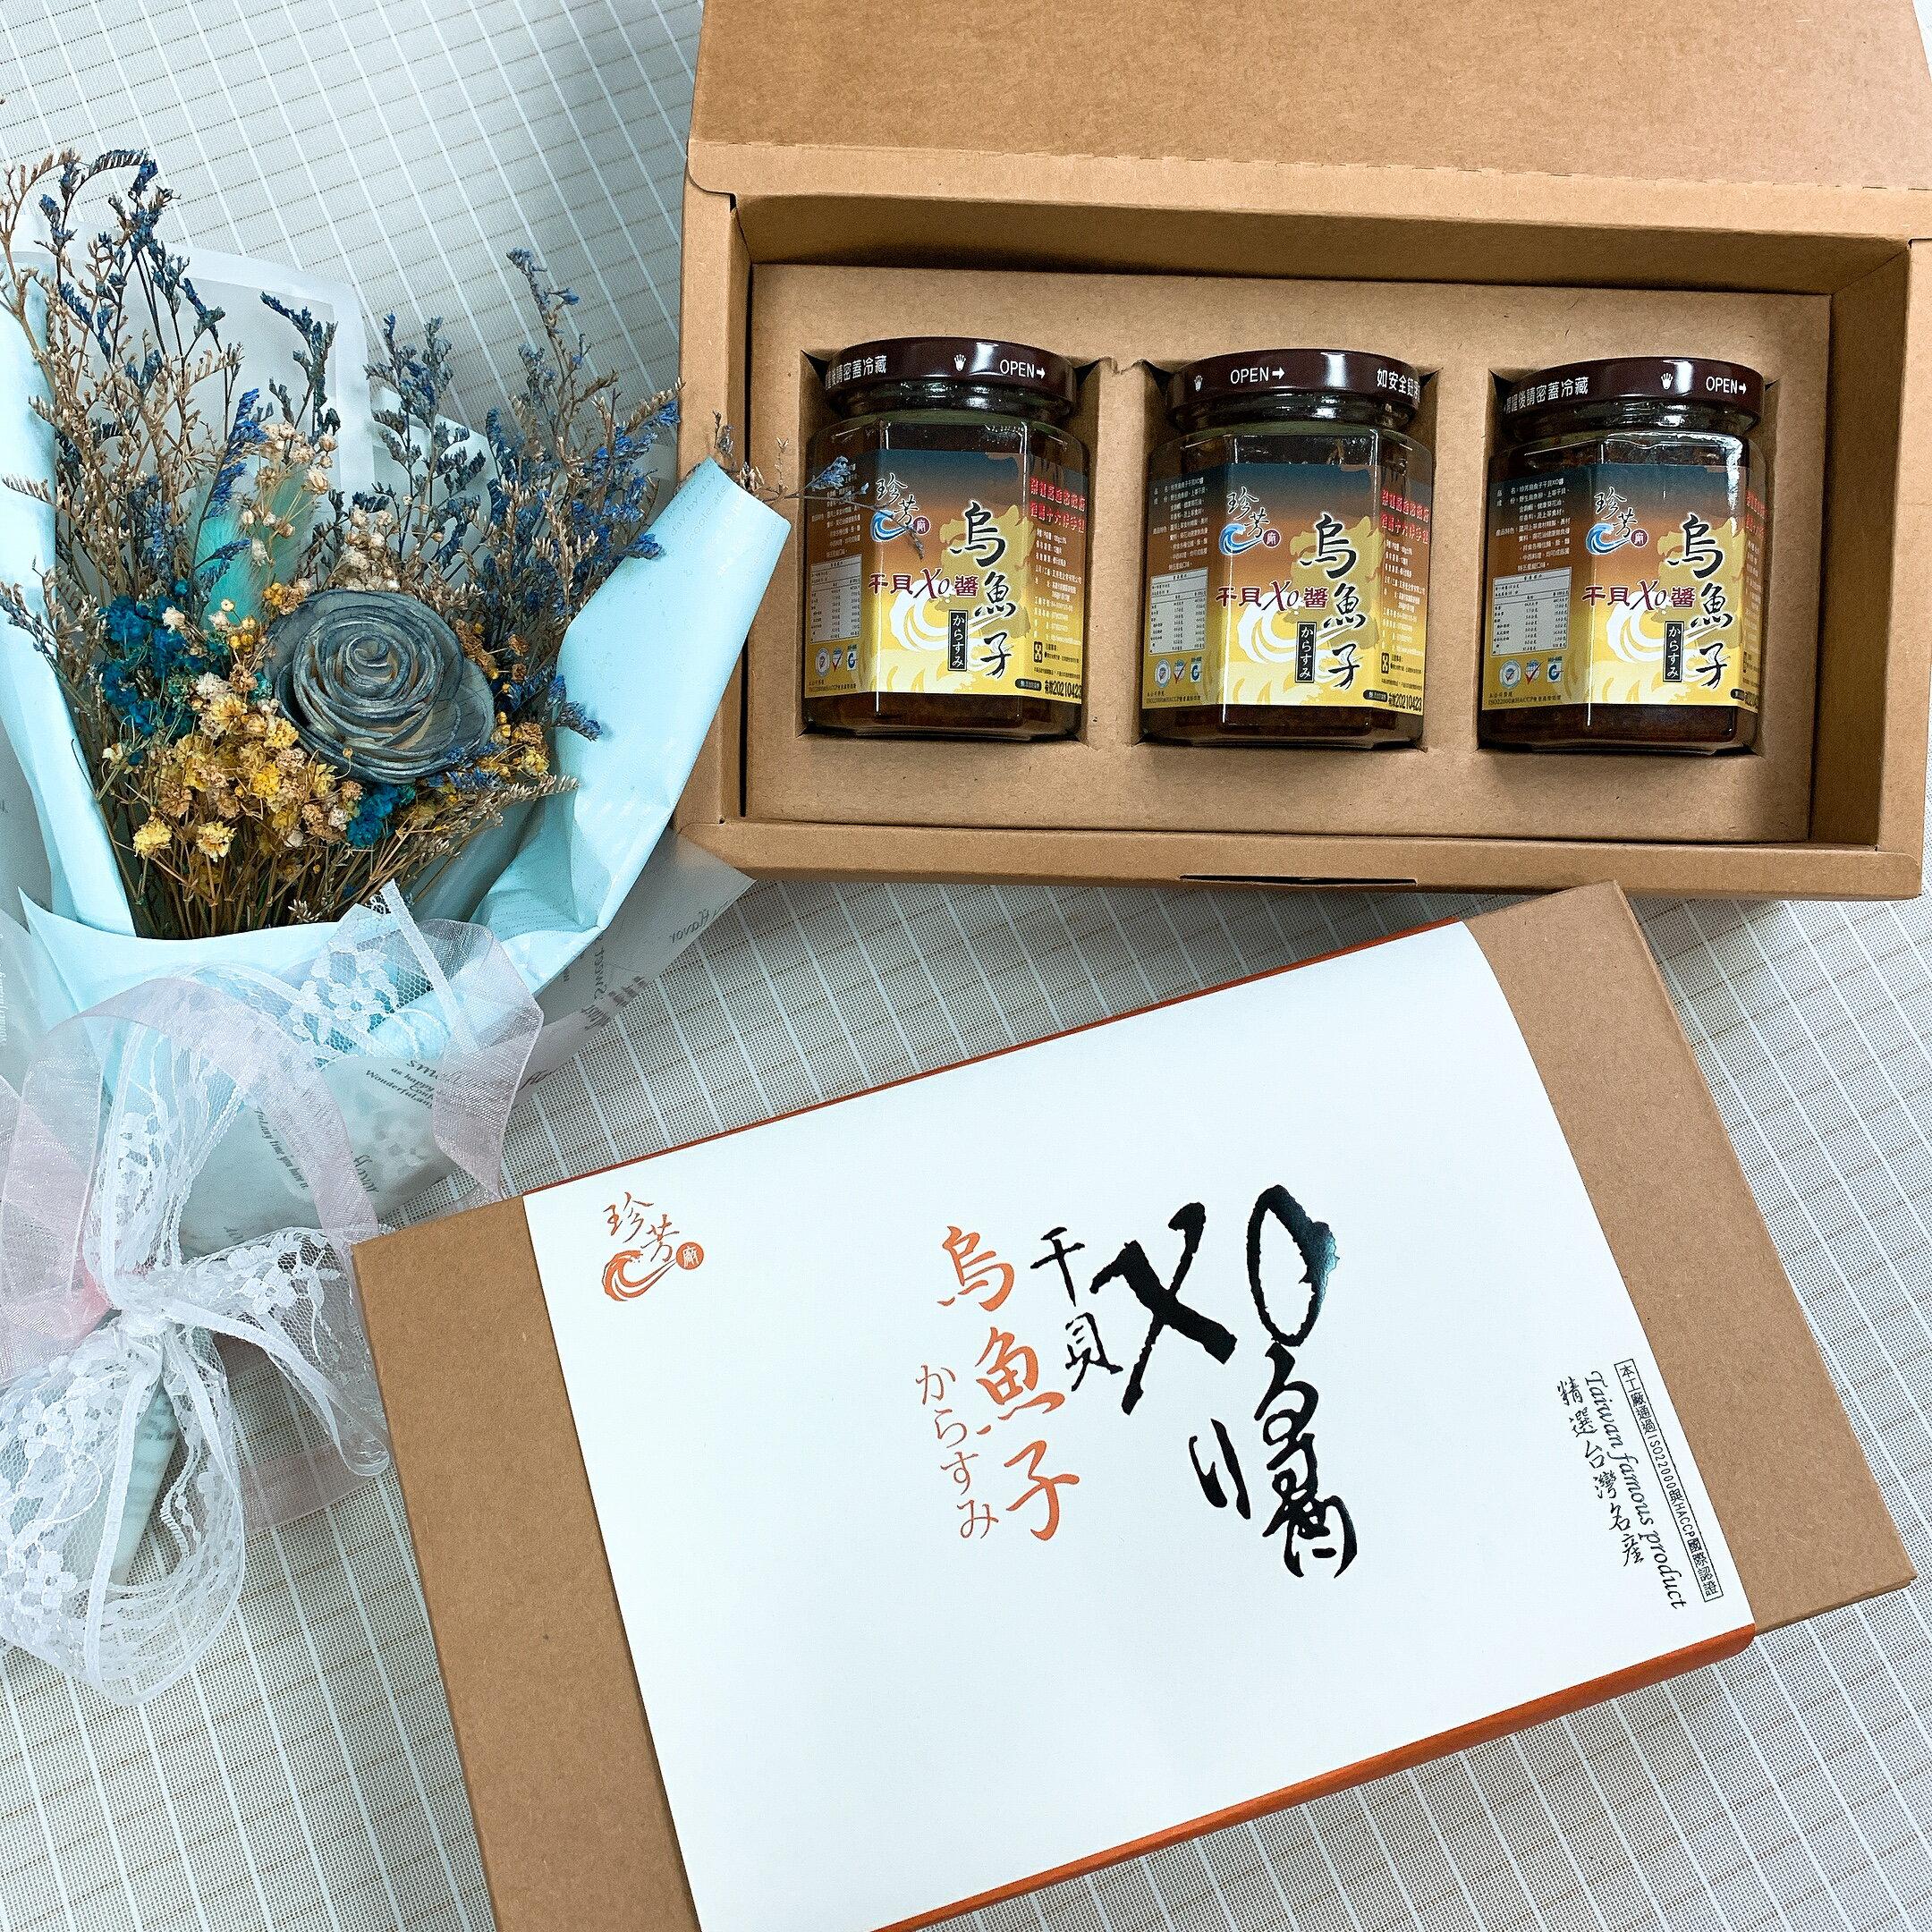 【端午送禮首選】珍芳烏魚子干貝XO醬三瓶裝禮盒 微辣|搭配肉粽的好夥伴 0